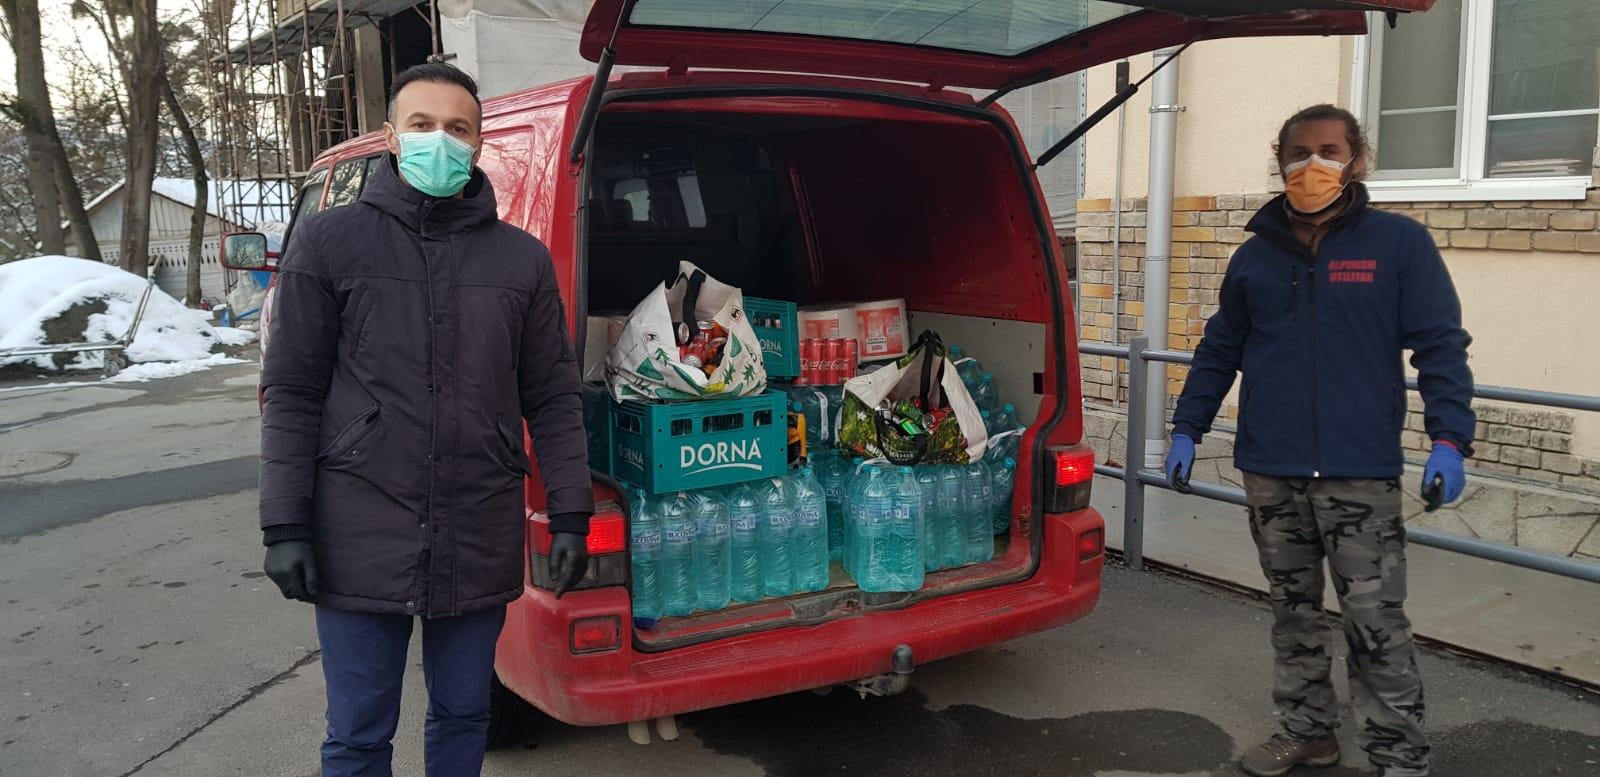 Sprijin pentru cei din linia întâi oferit de voluntarii Rescue 4×4 Cluj. Peste 10.000 de mănuși și măști, dezinfectanți și articole de igienă și mâncare au fost donate